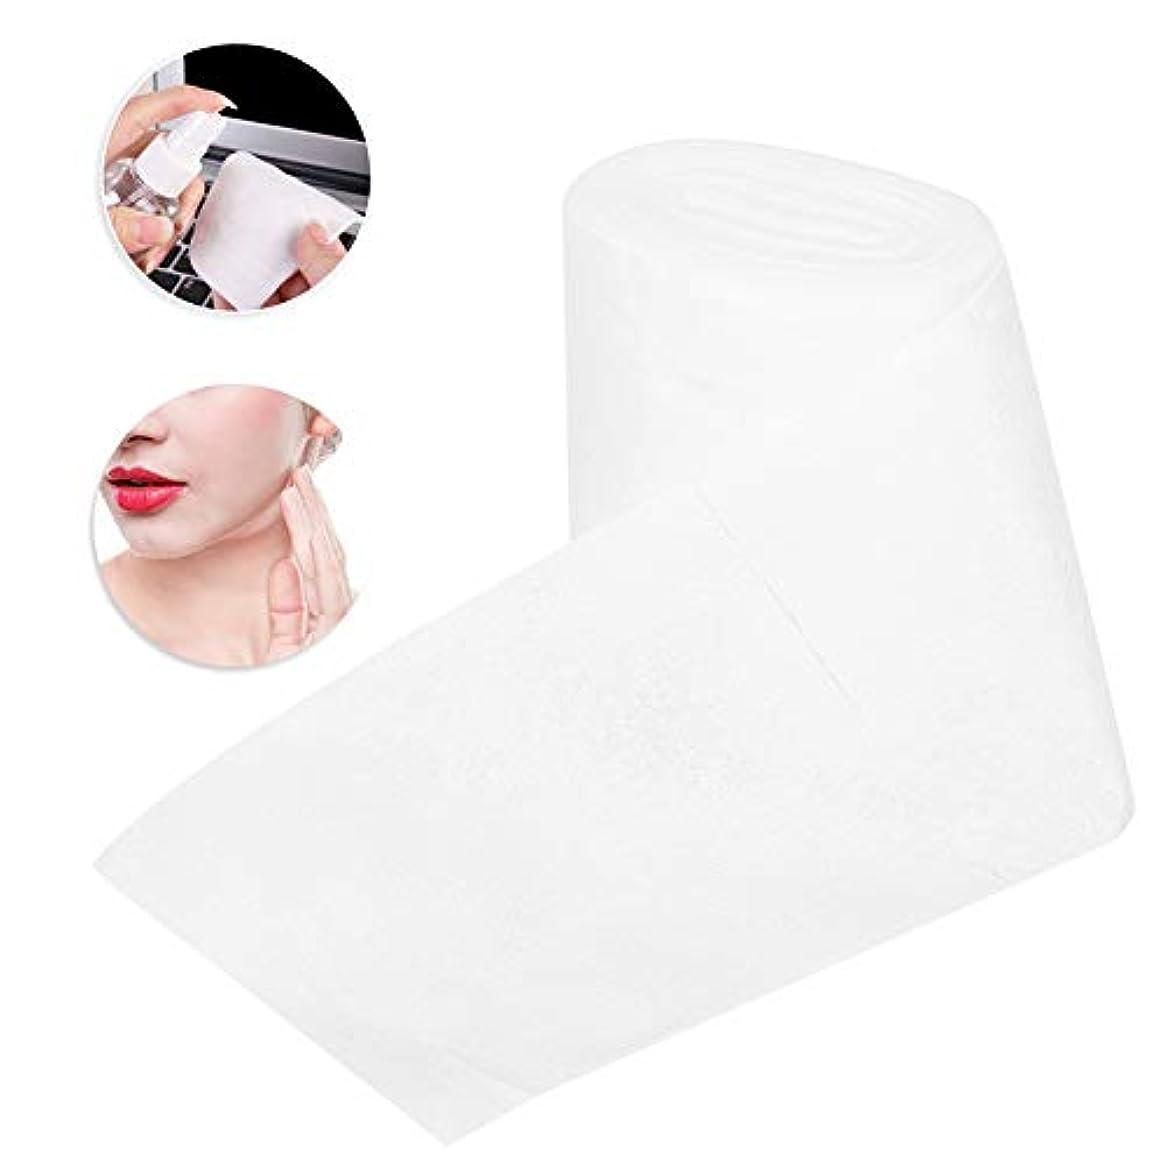 に熟読する高音不織布 使い捨てタオル メイクアップはクレンジングフェイシャルメイクアップ除去のための綿パッドを拭きます、しっとりと乾燥することができます